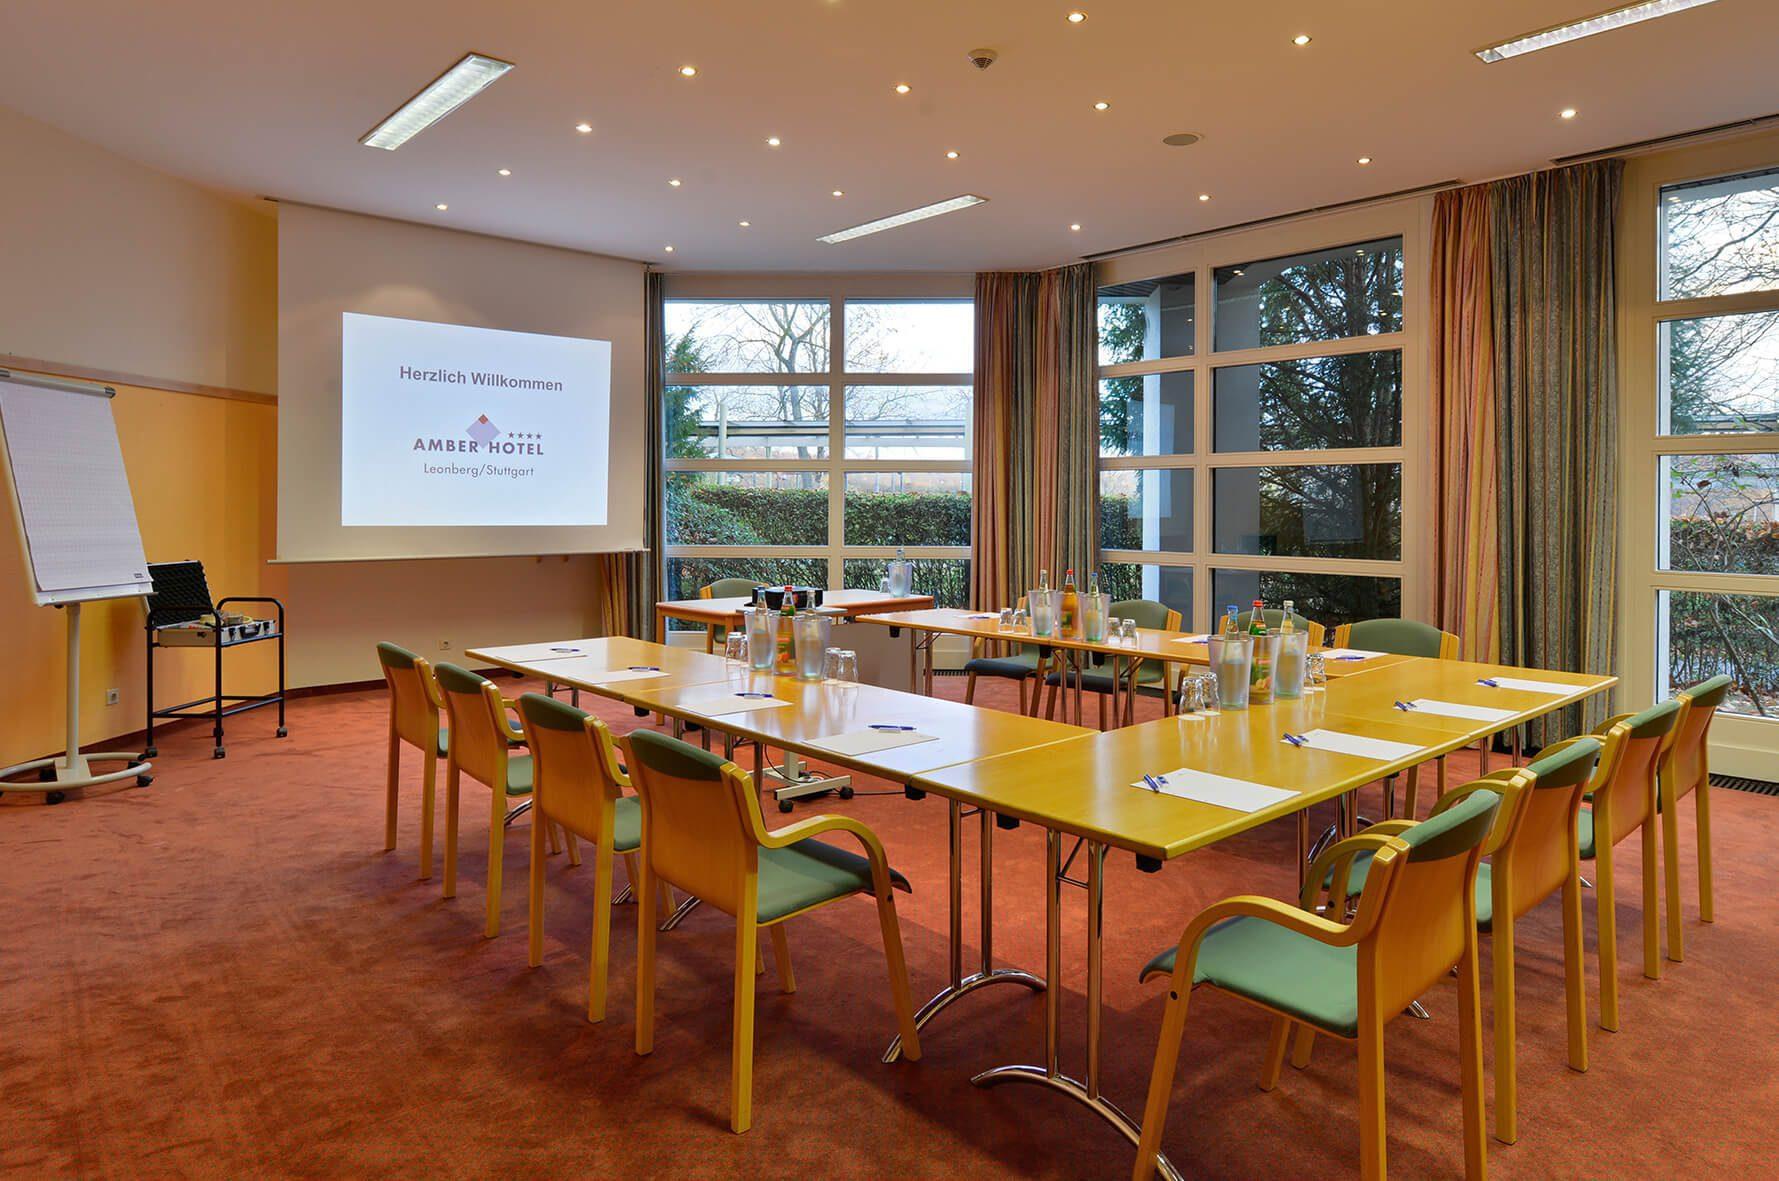 AMBER HOTEL Leonberg/Stuttgart - Tagungsraum